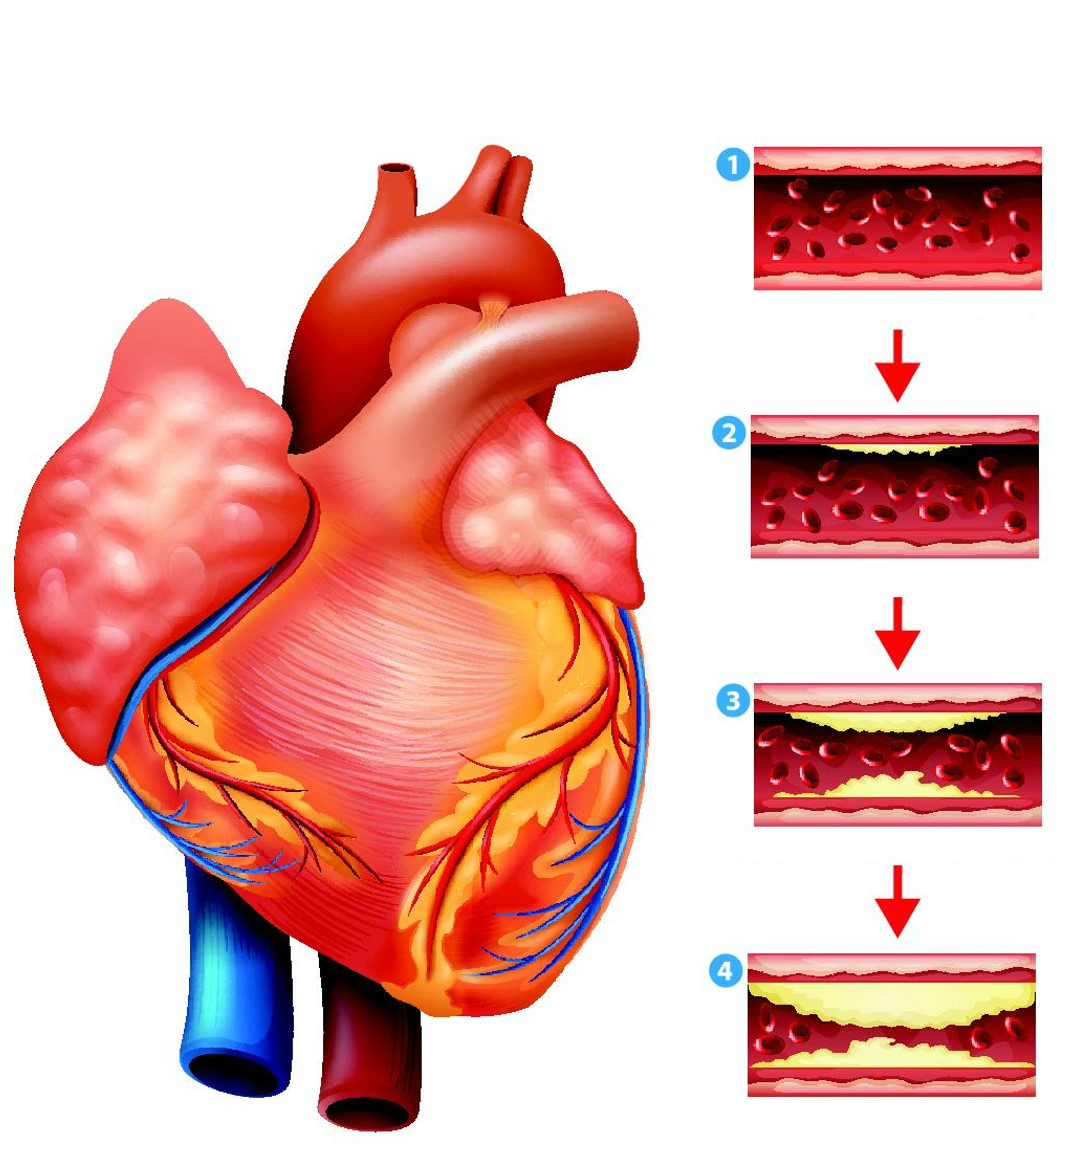 ишемическая болезнь сердца и инсульт